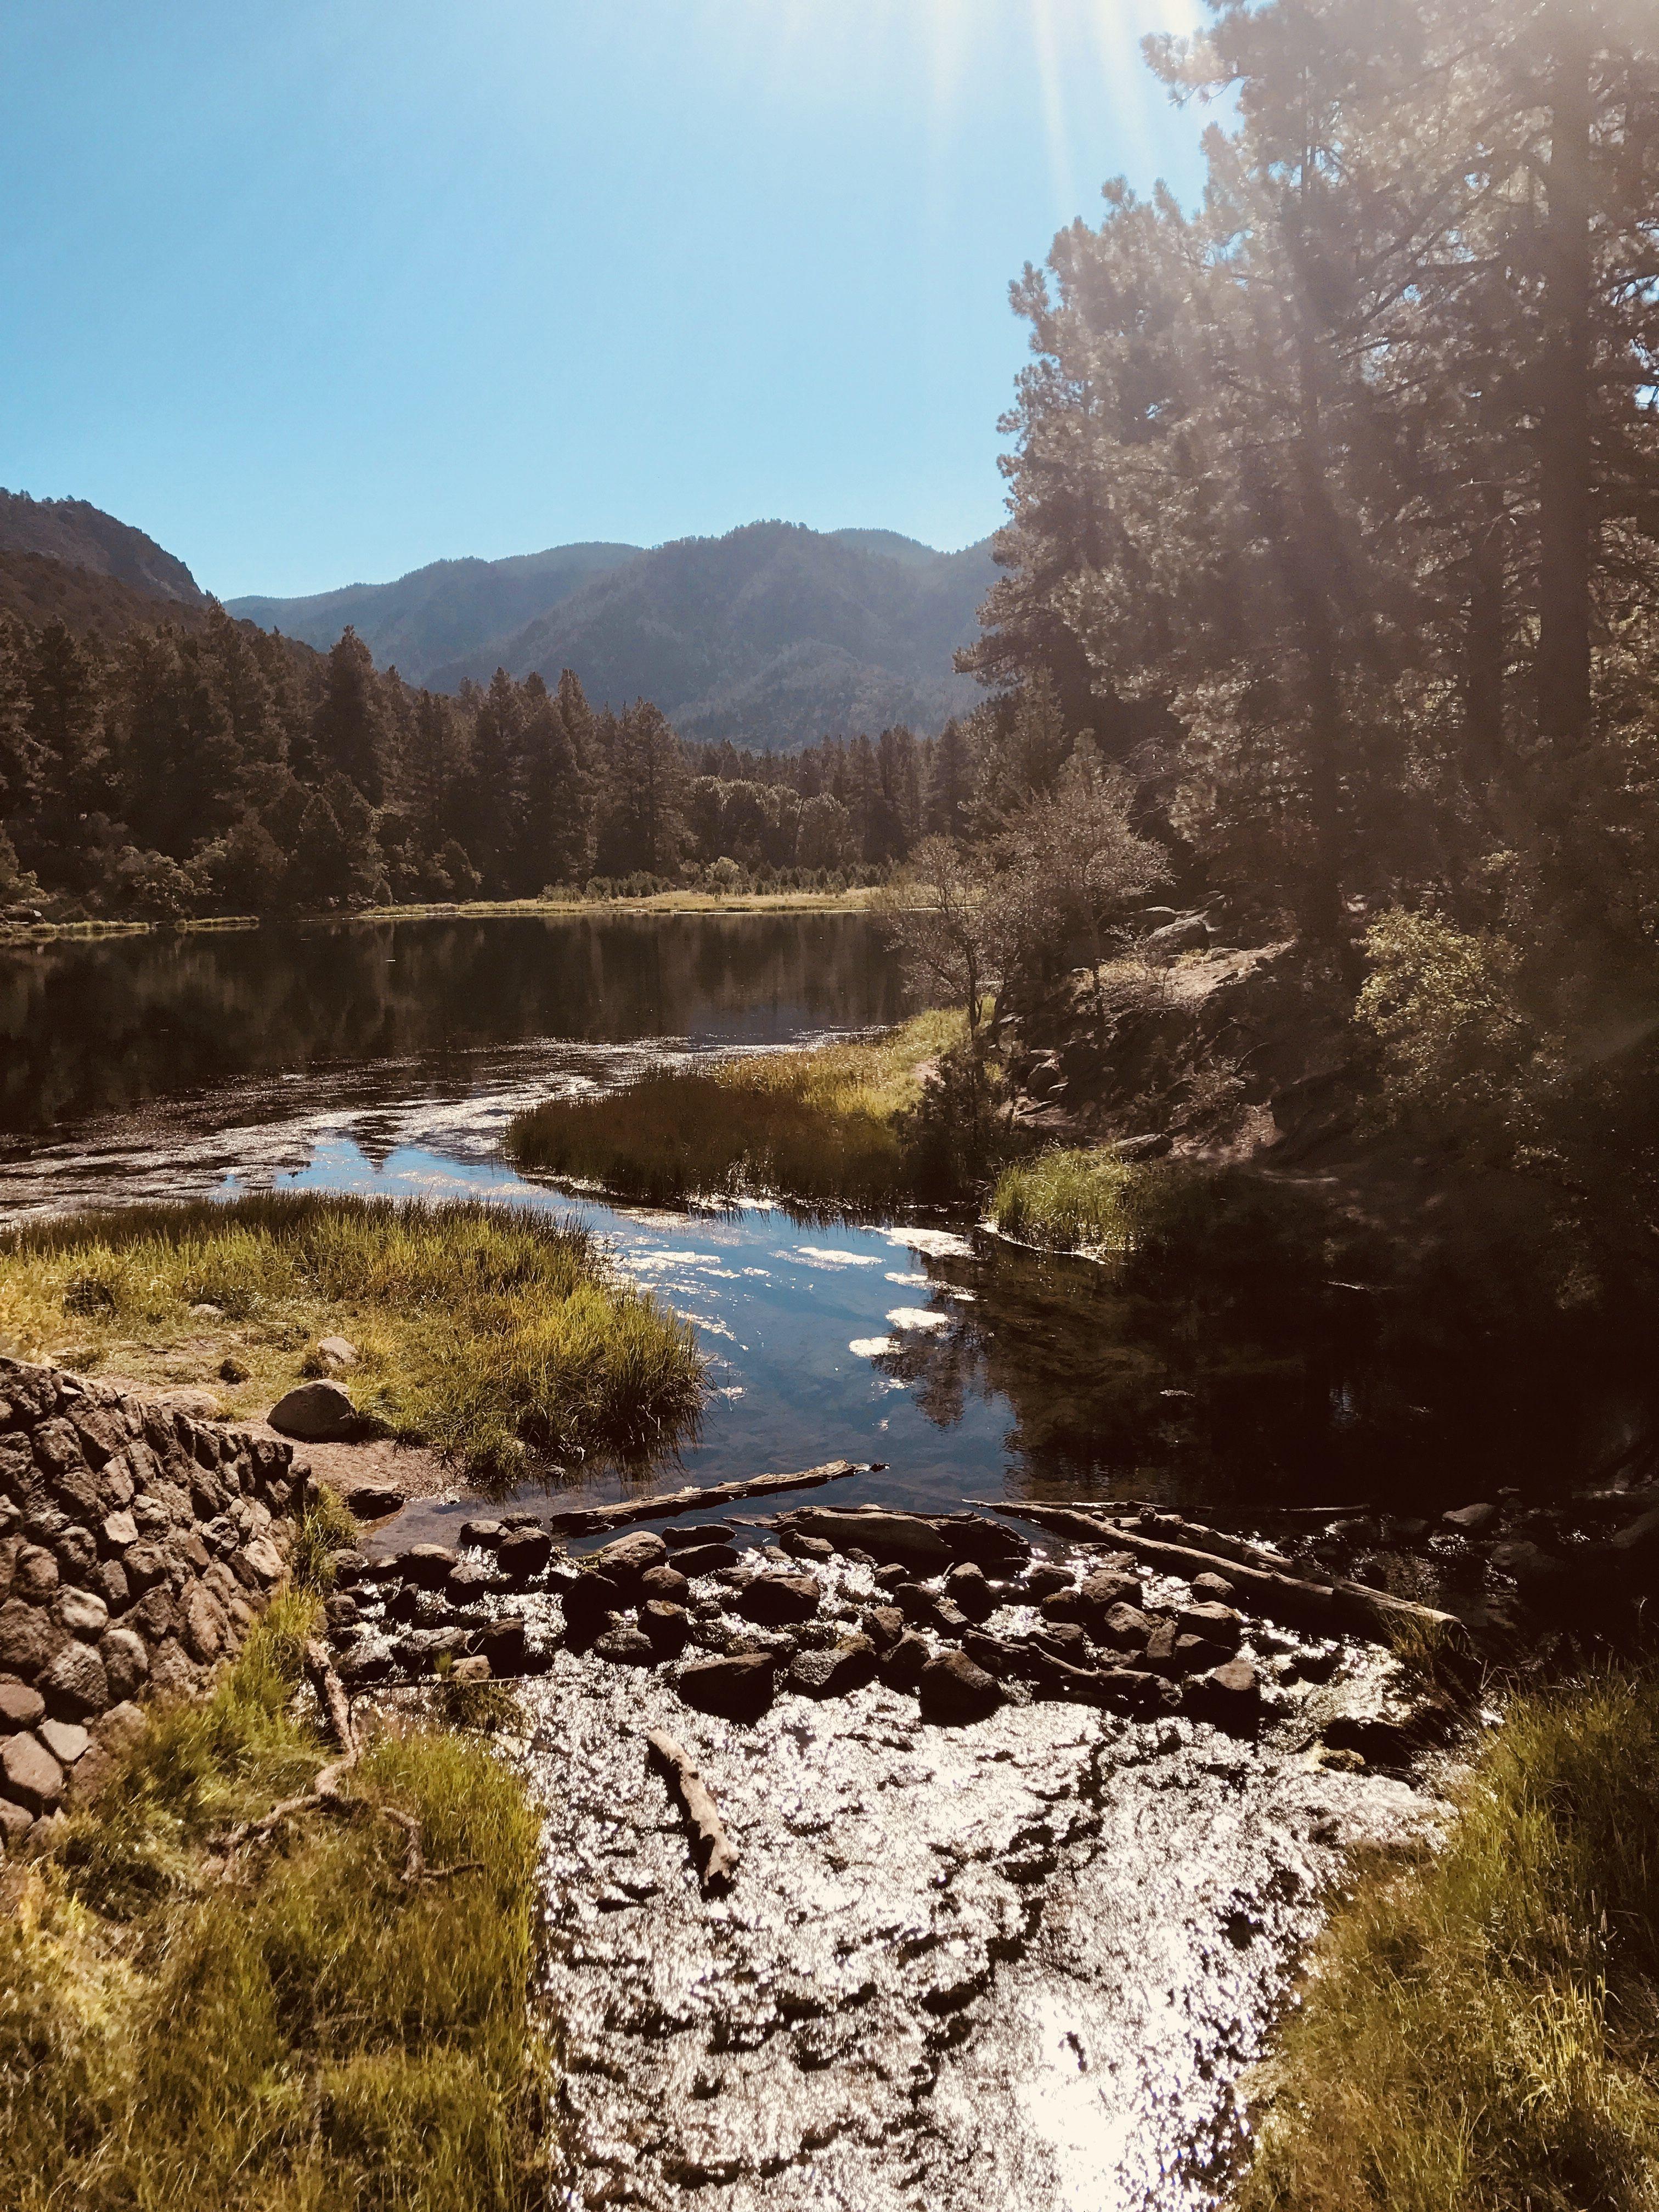 Pine Valley|Utah | Pine valley utah, Outdoor, Pine valley